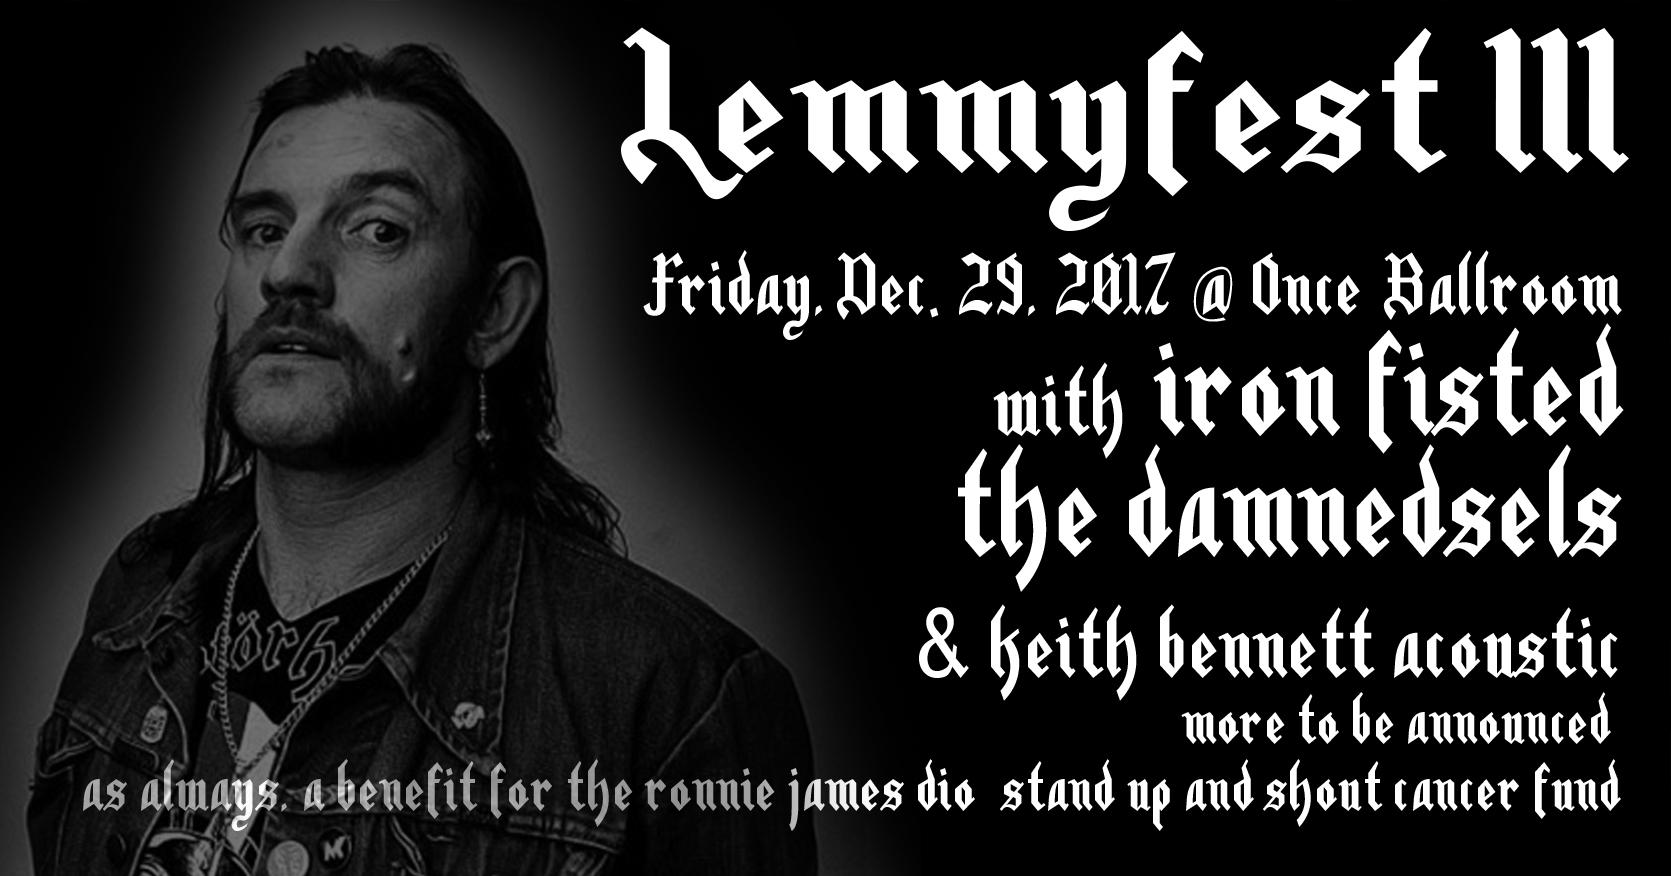 Lemmyfest+III+FB.jpg